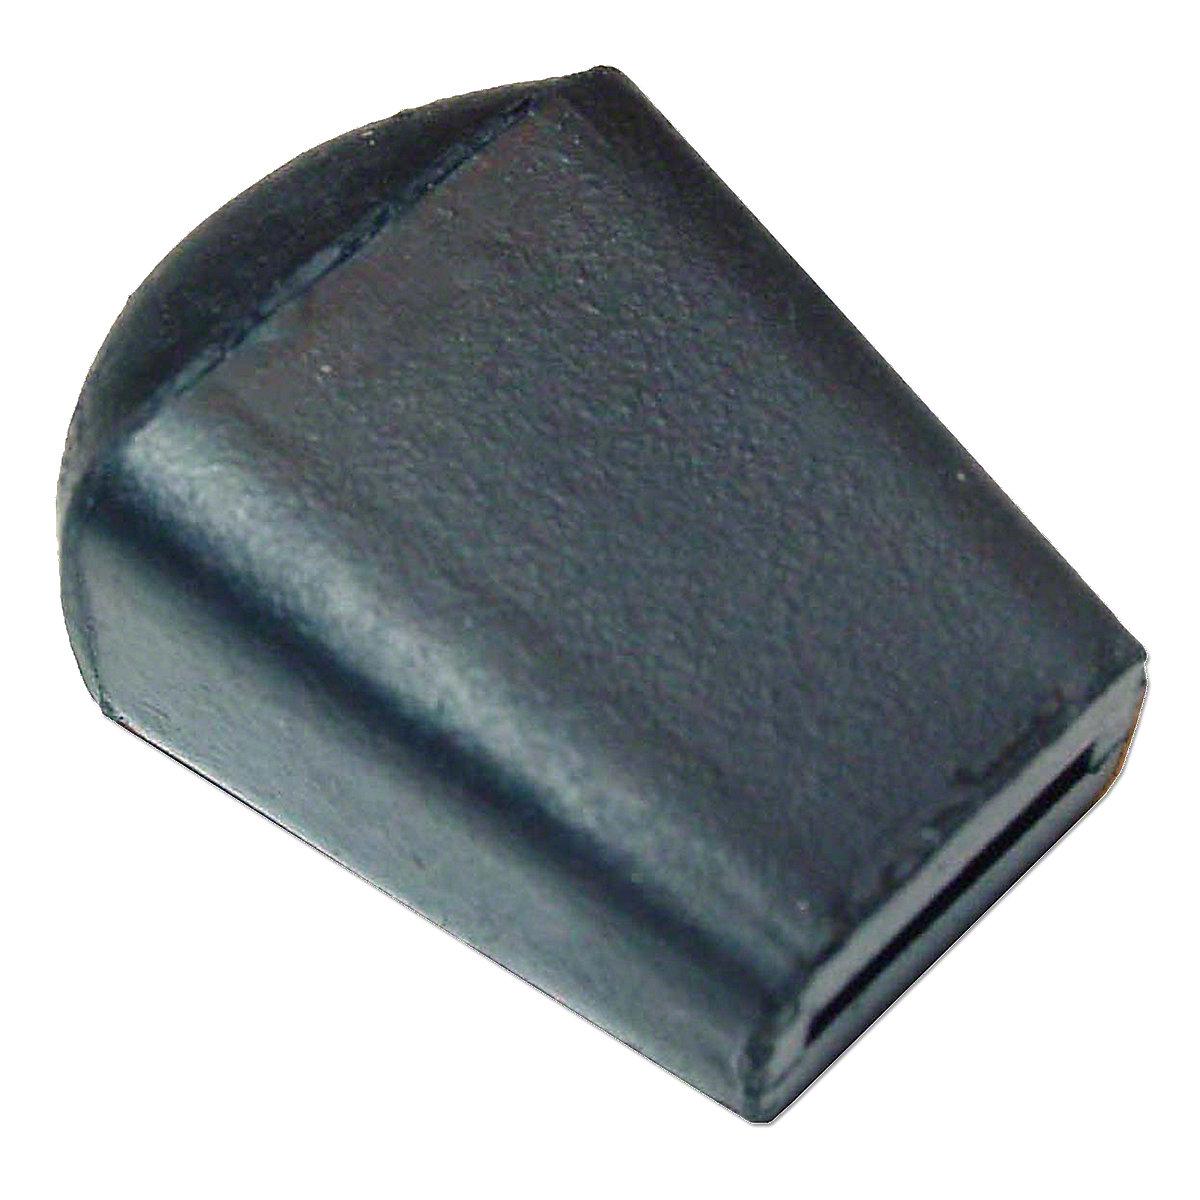 Control Lever Knob For Allis Chalmers: D10, D12, D14, D15, D17, D19.